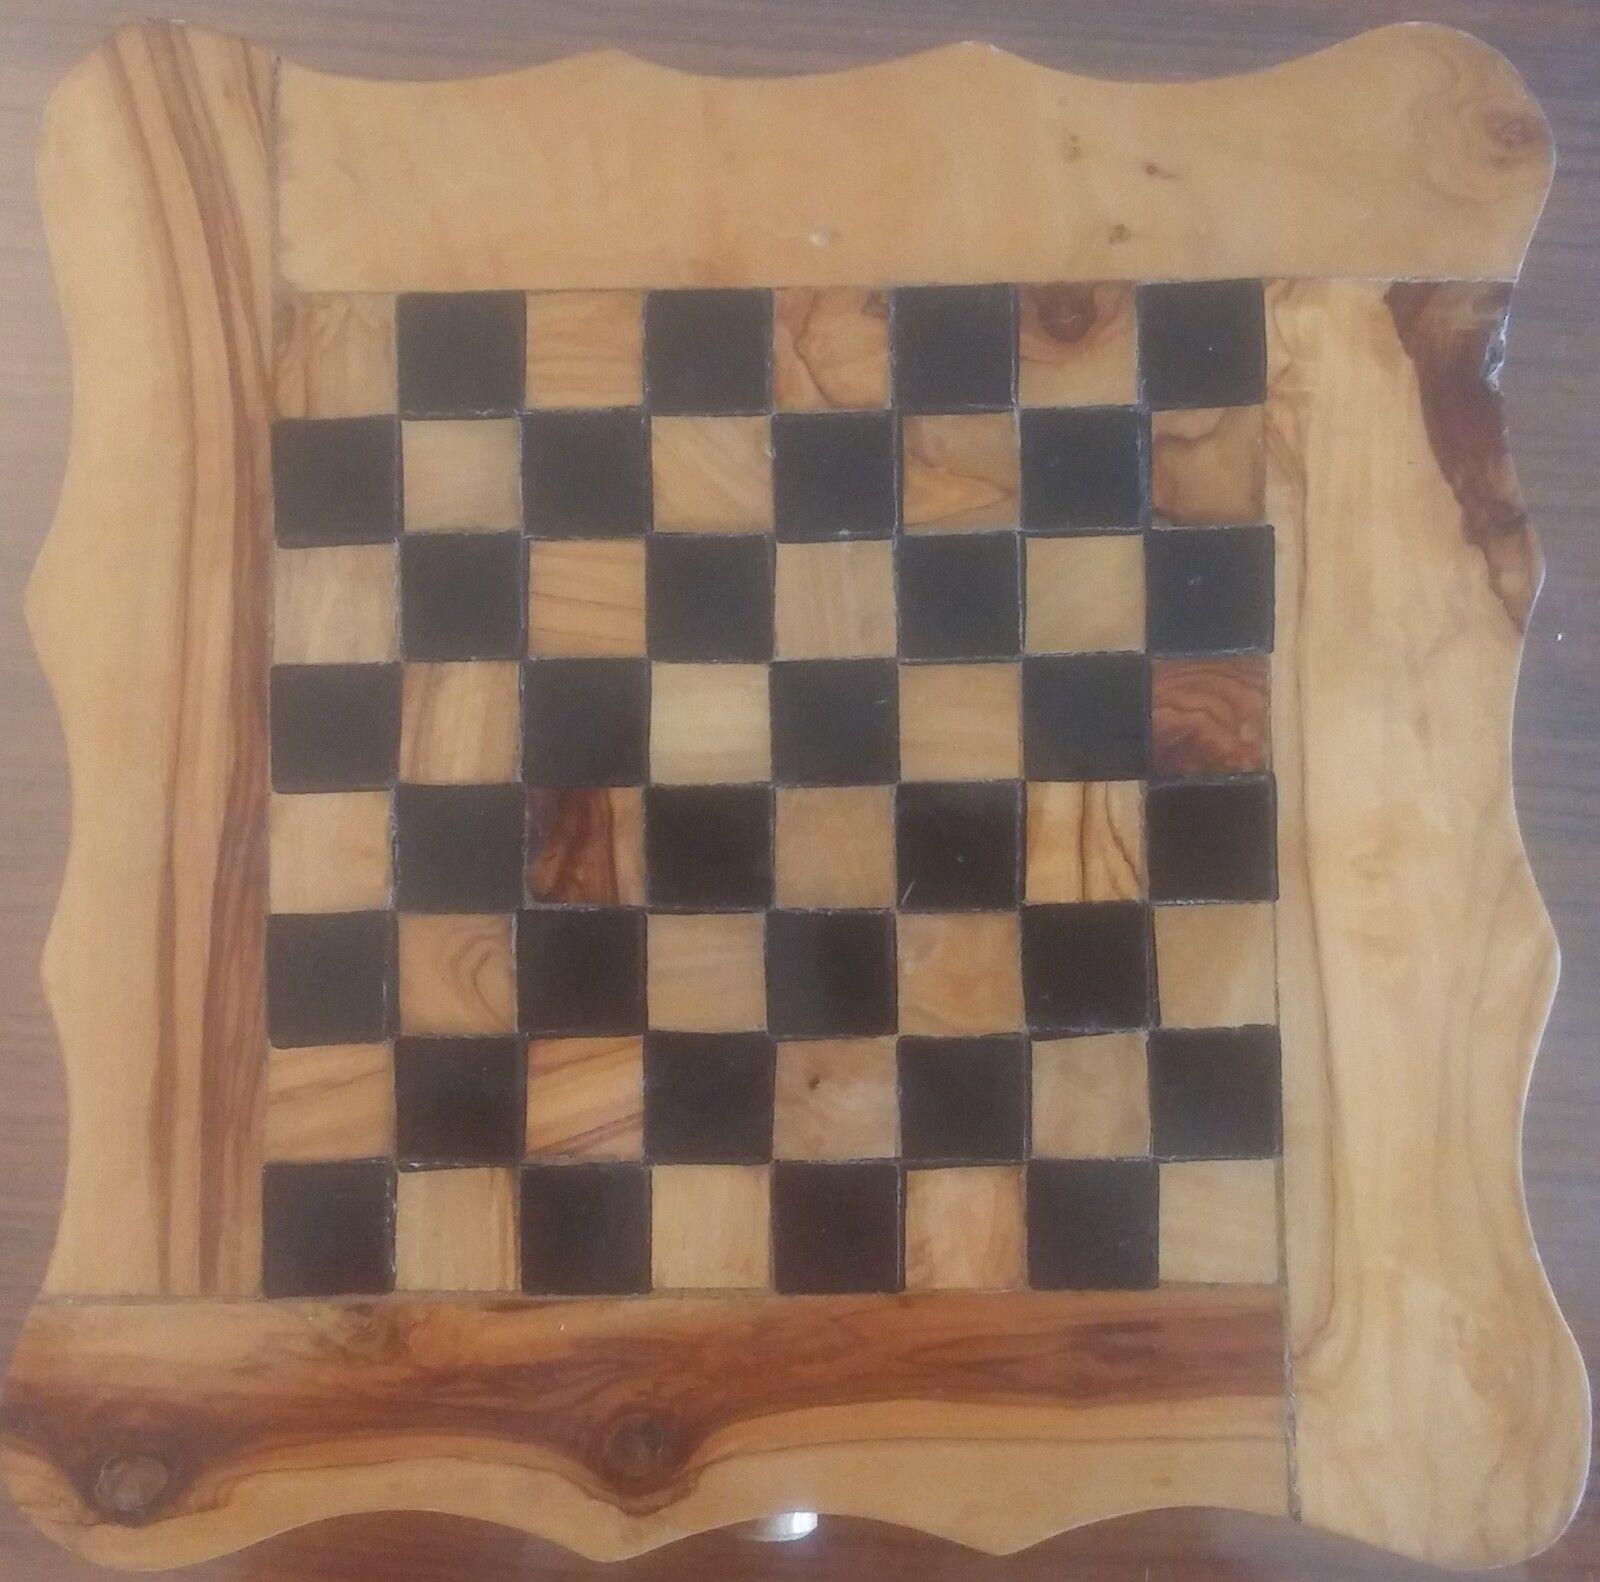 Jeu d'échecs en bois et pions en métal - Wood Chess - Metal Tokens - 26  26 - 2